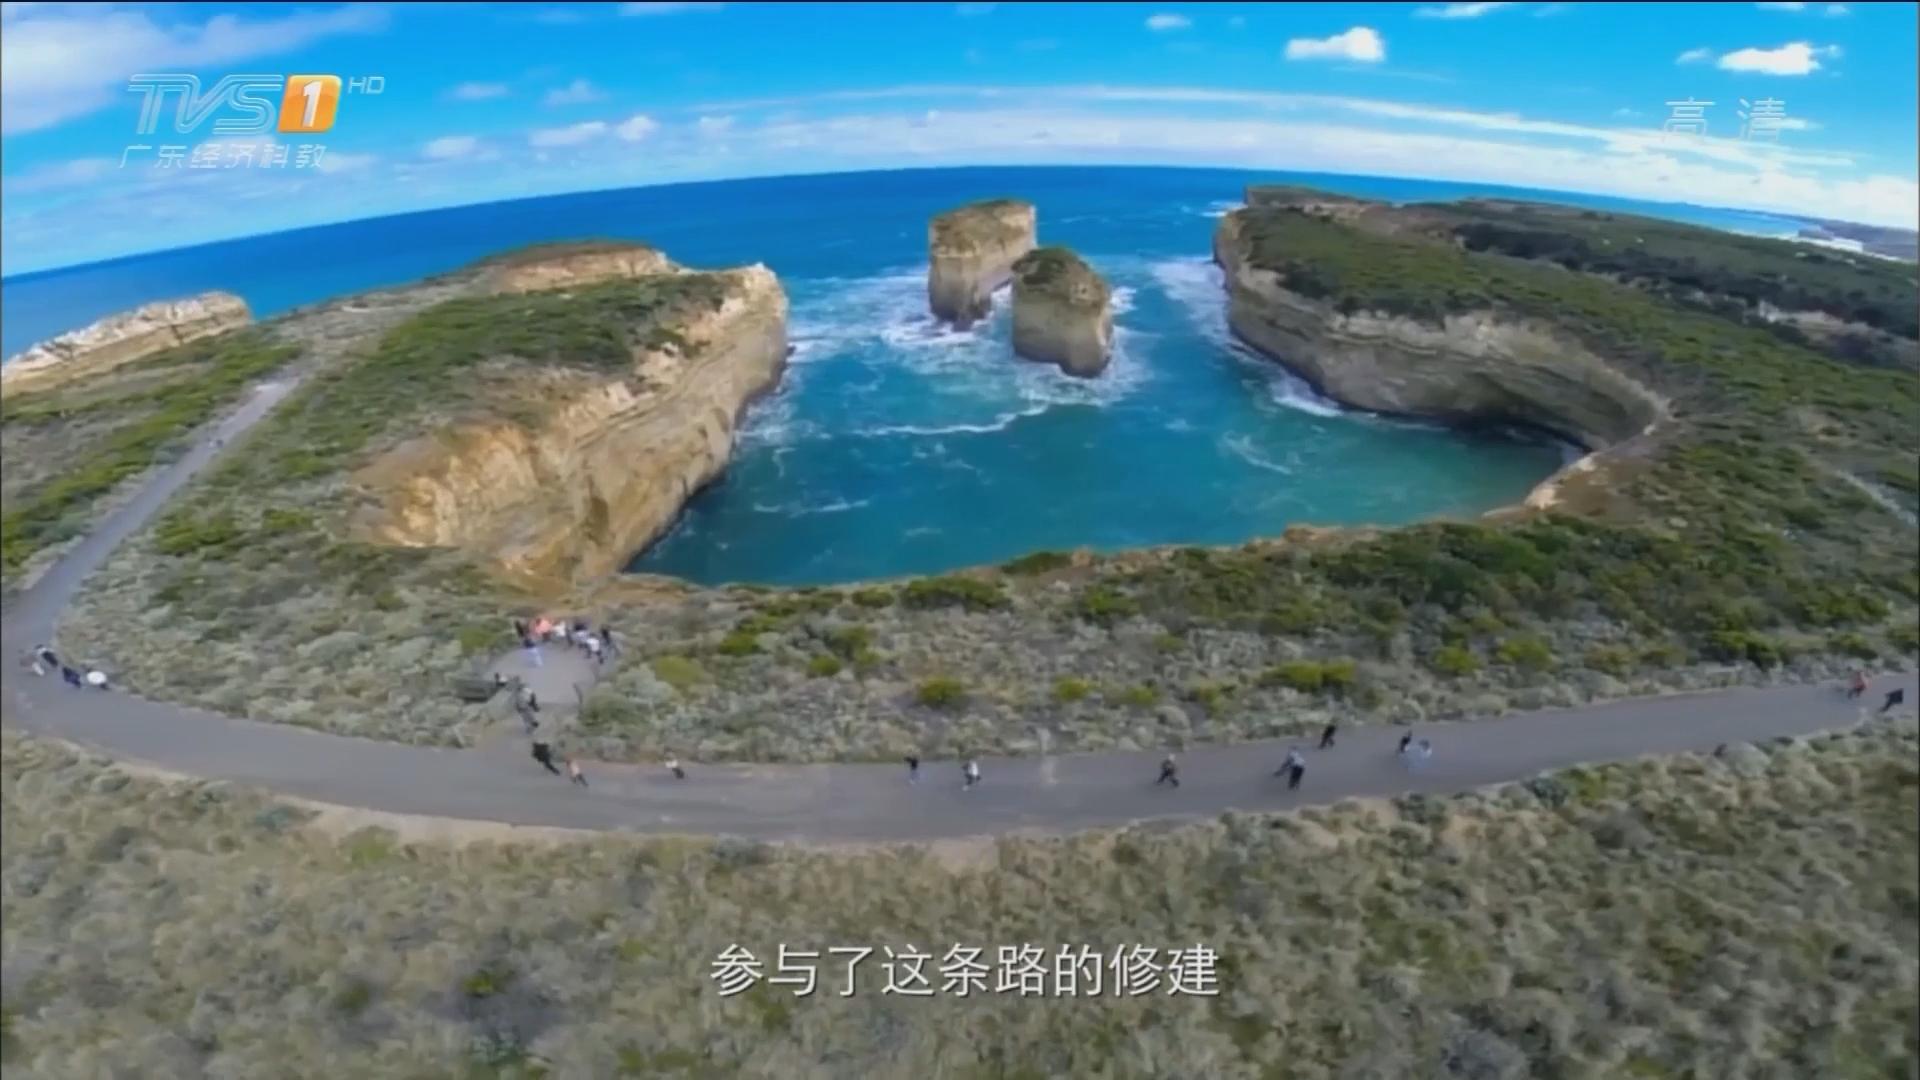 澳大利亚——墨尔本大洋路